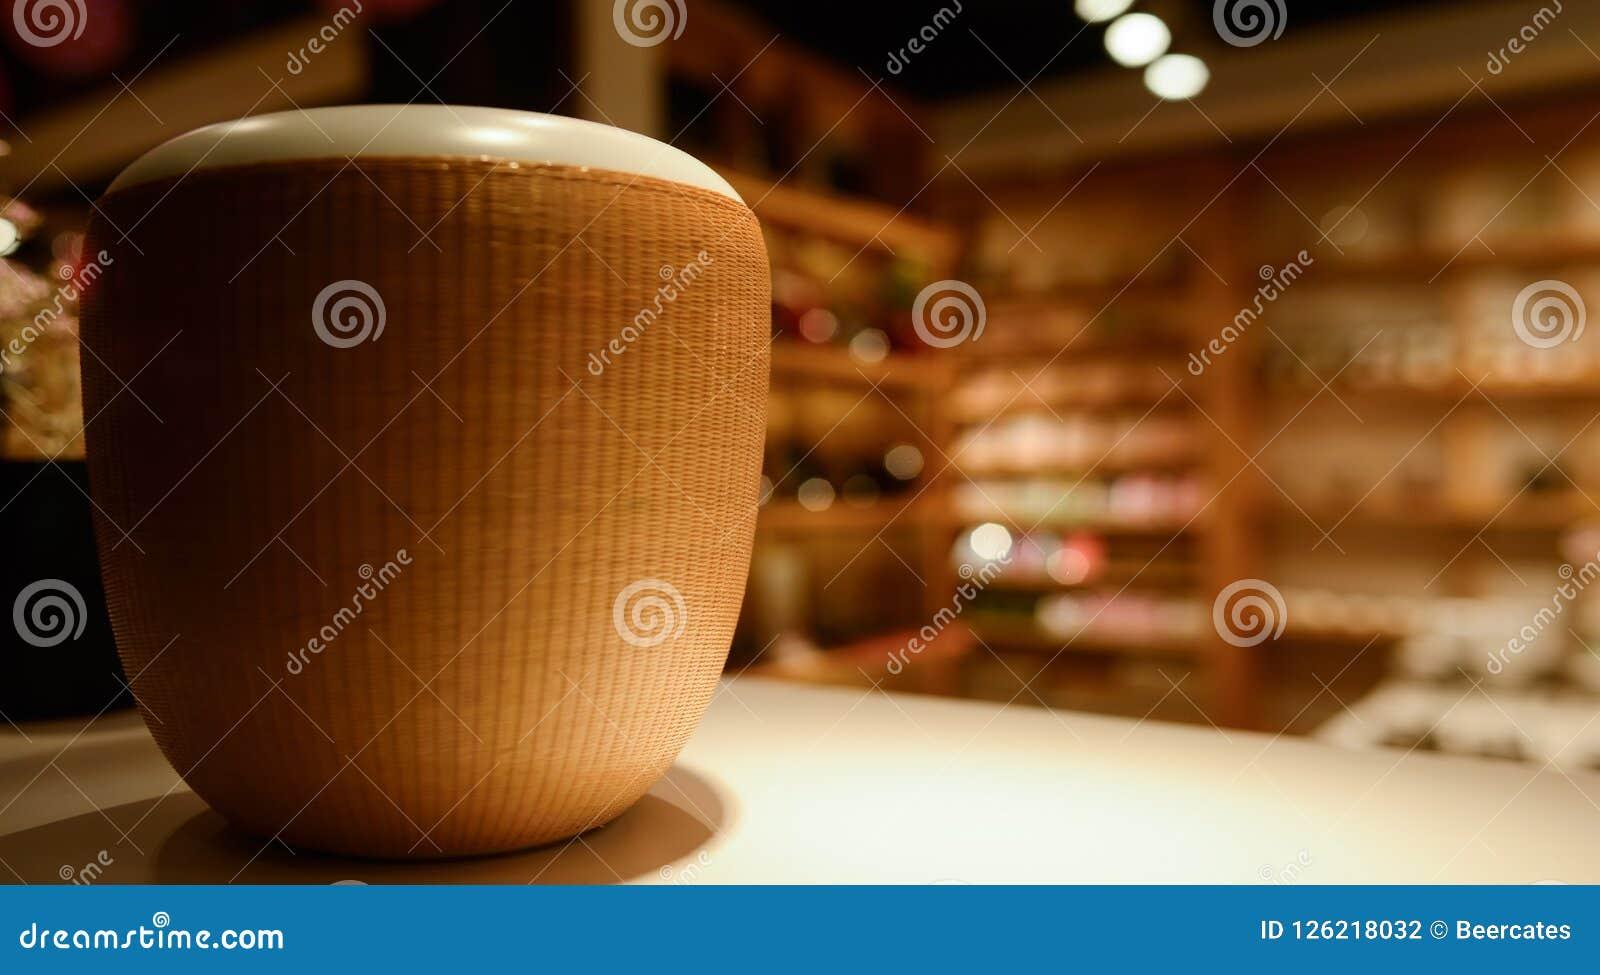 Biały ceramiczny łzawica z wyplatającą kurtką wewnątrz na stole